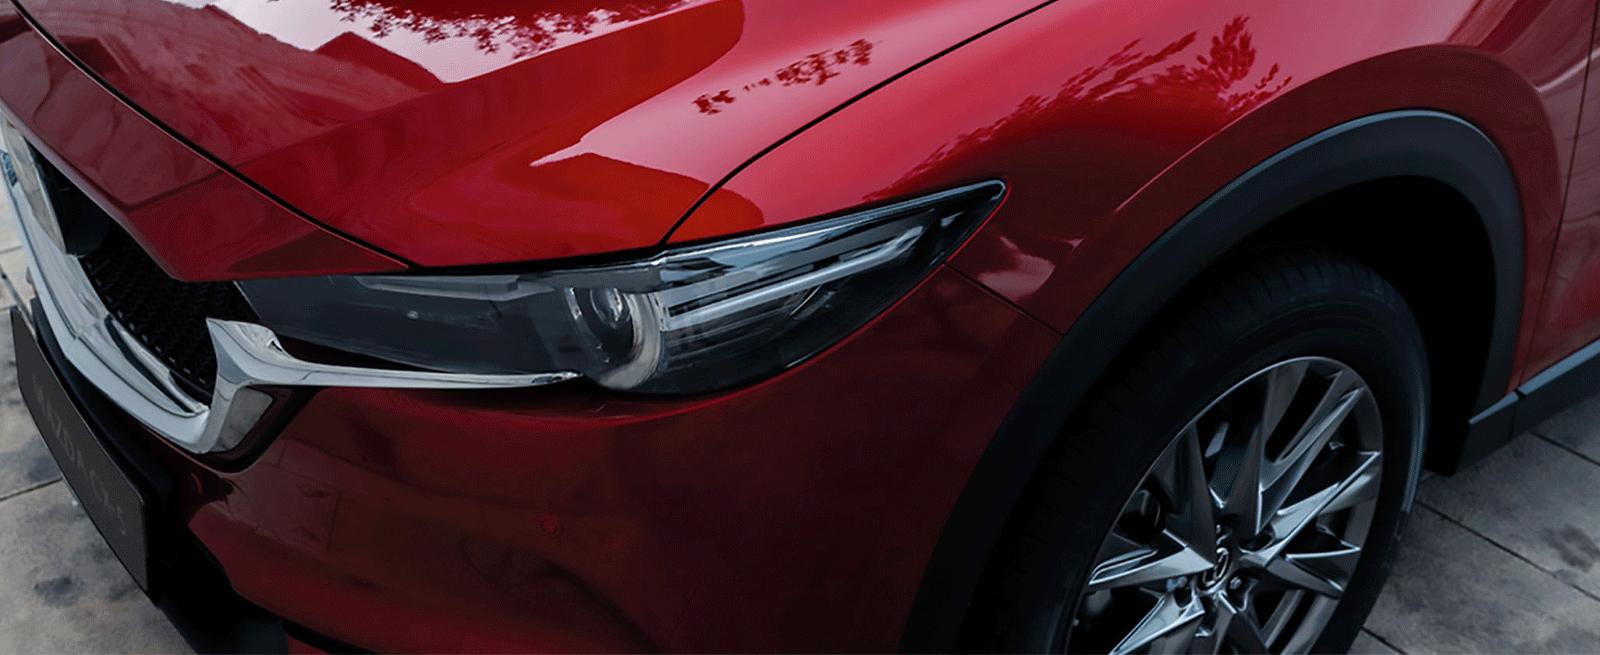 Mazda cx-5 luces